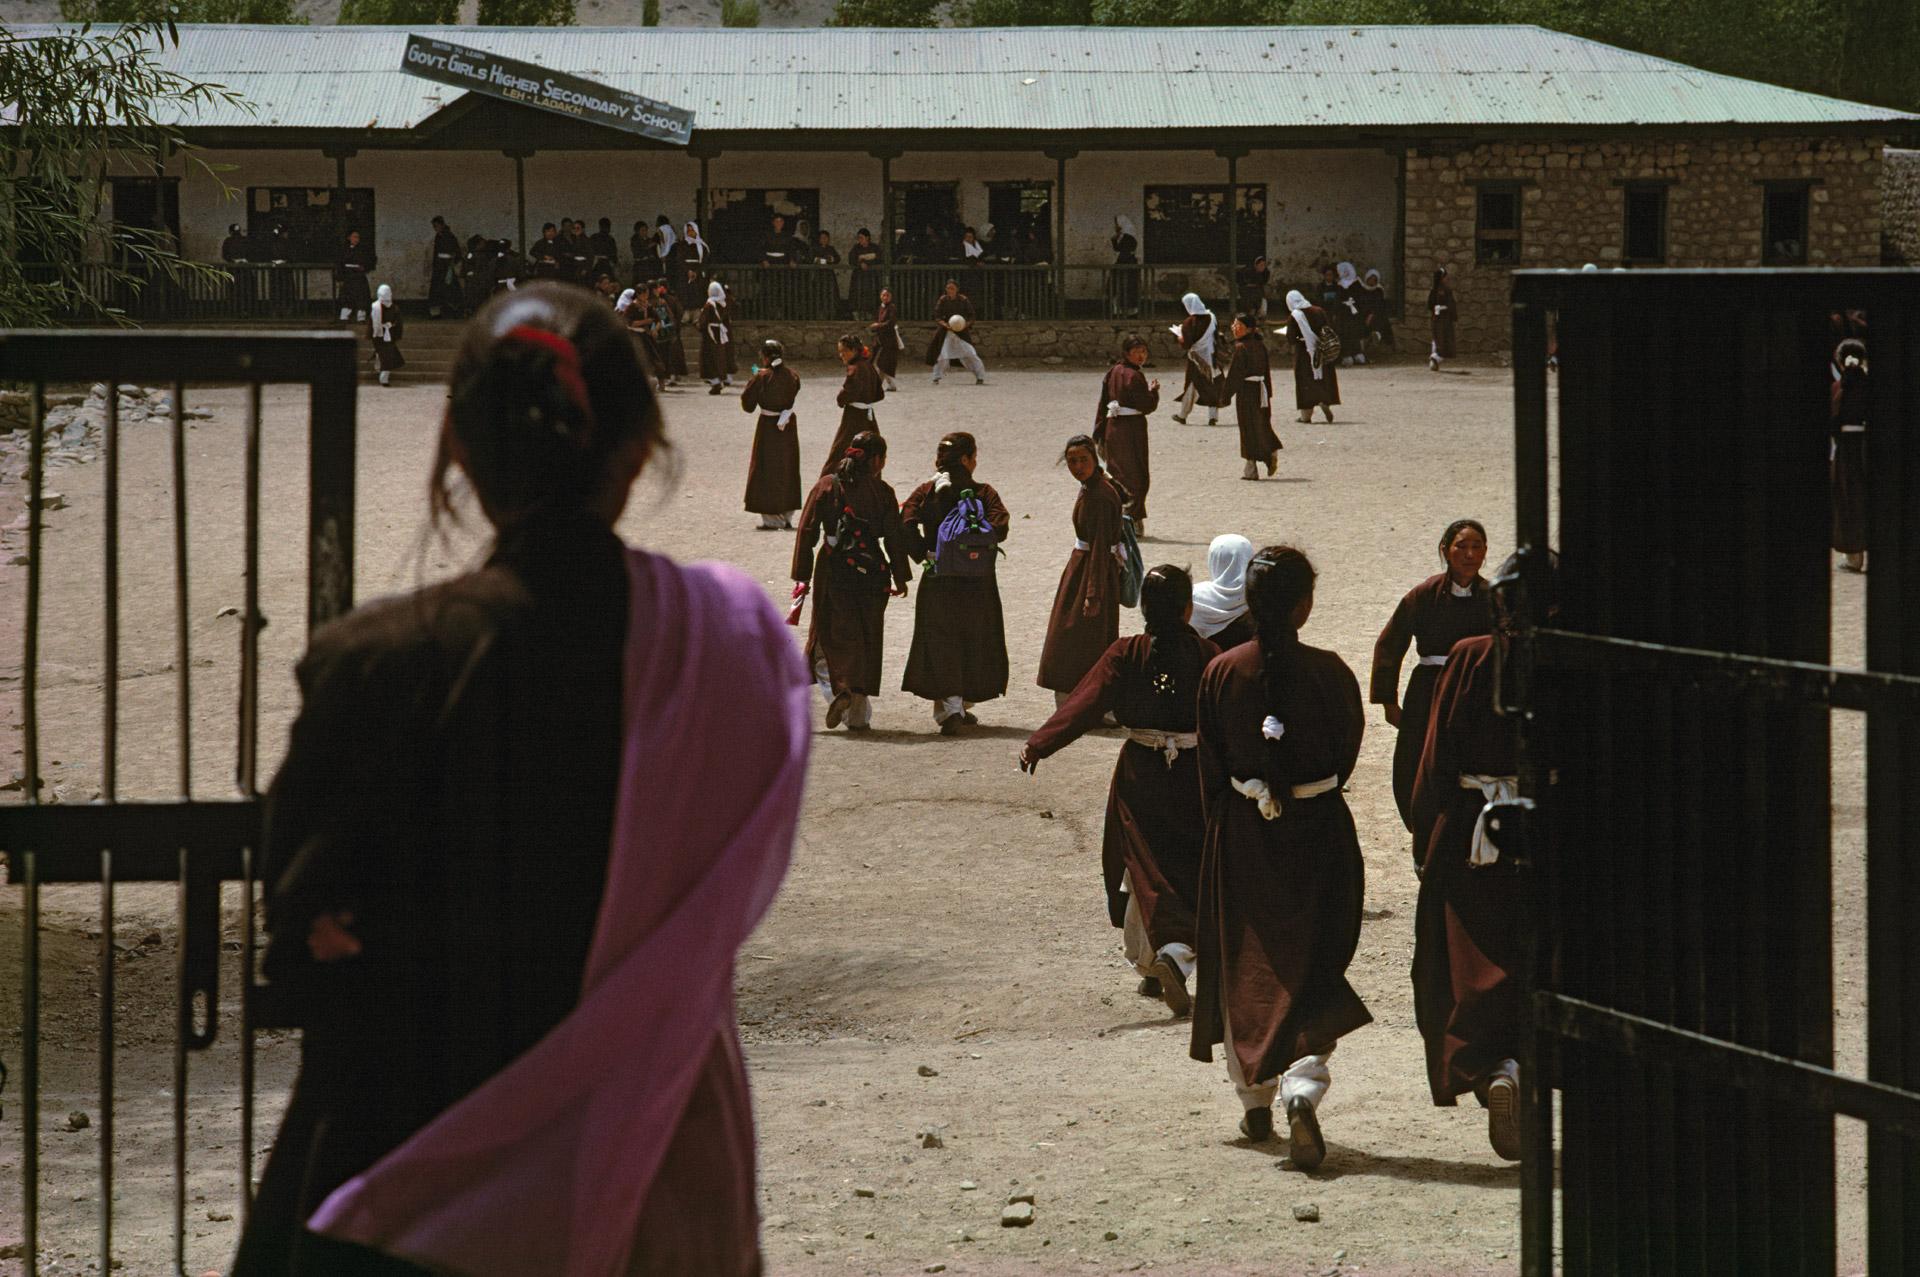 Girls attending a school in Leh, Ladakh